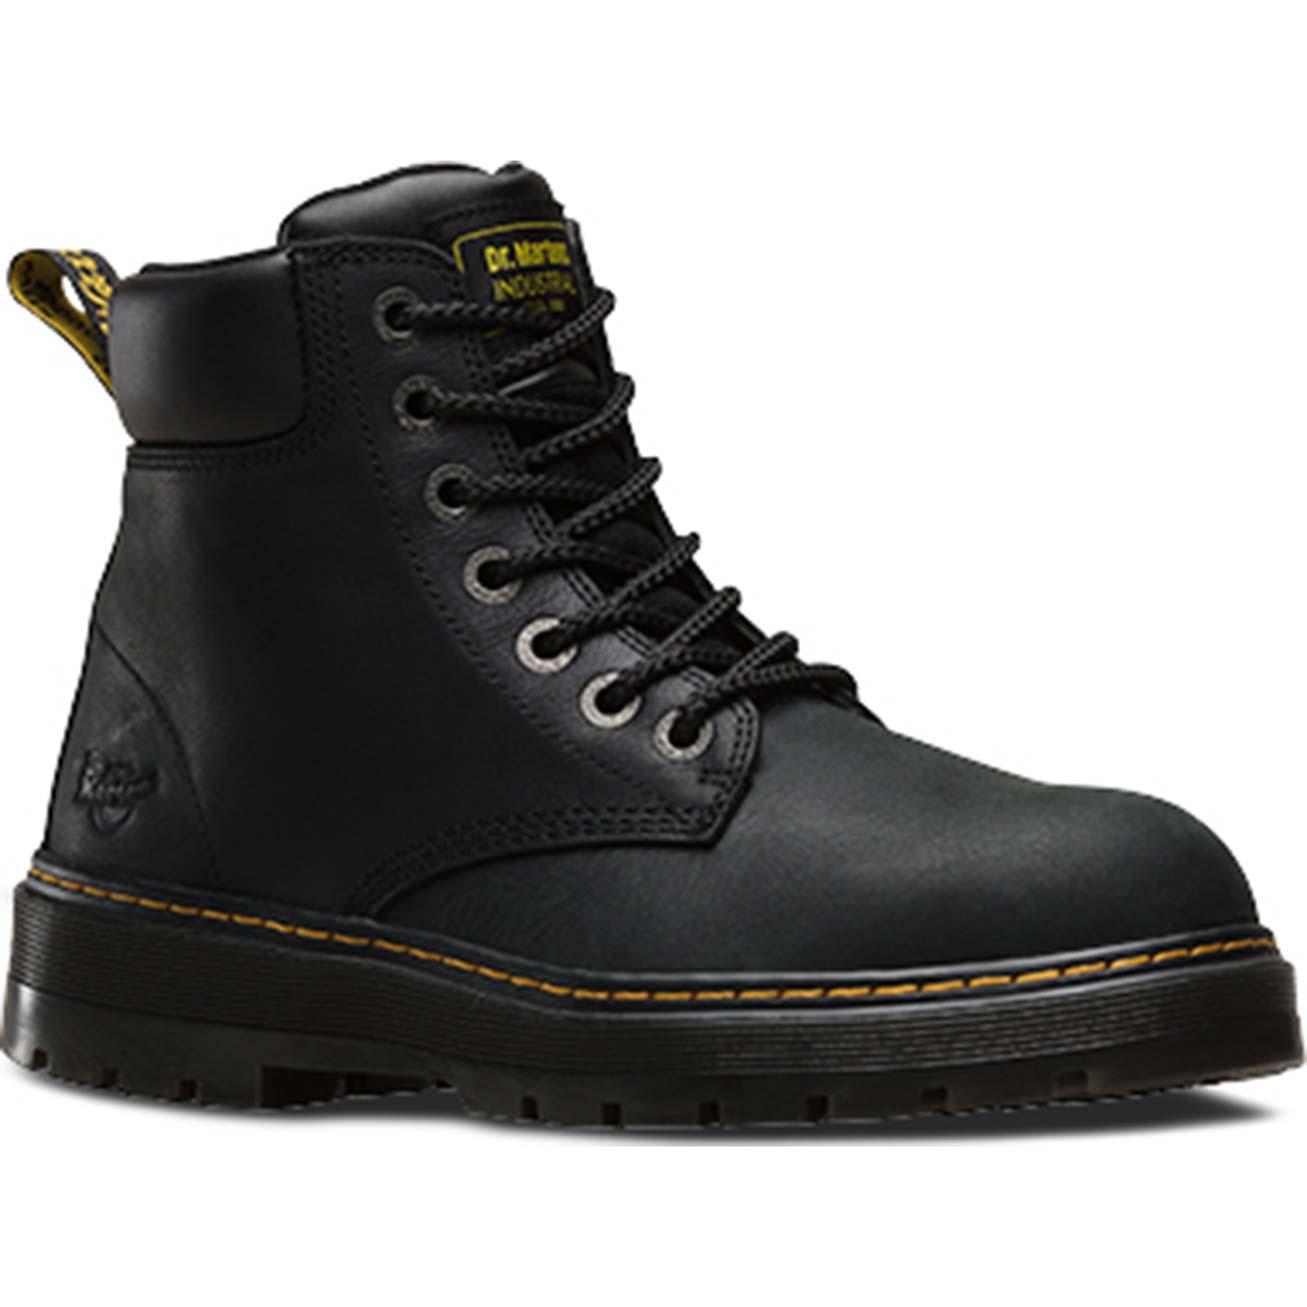 dr martens winch ew steel toe work boot 16801001